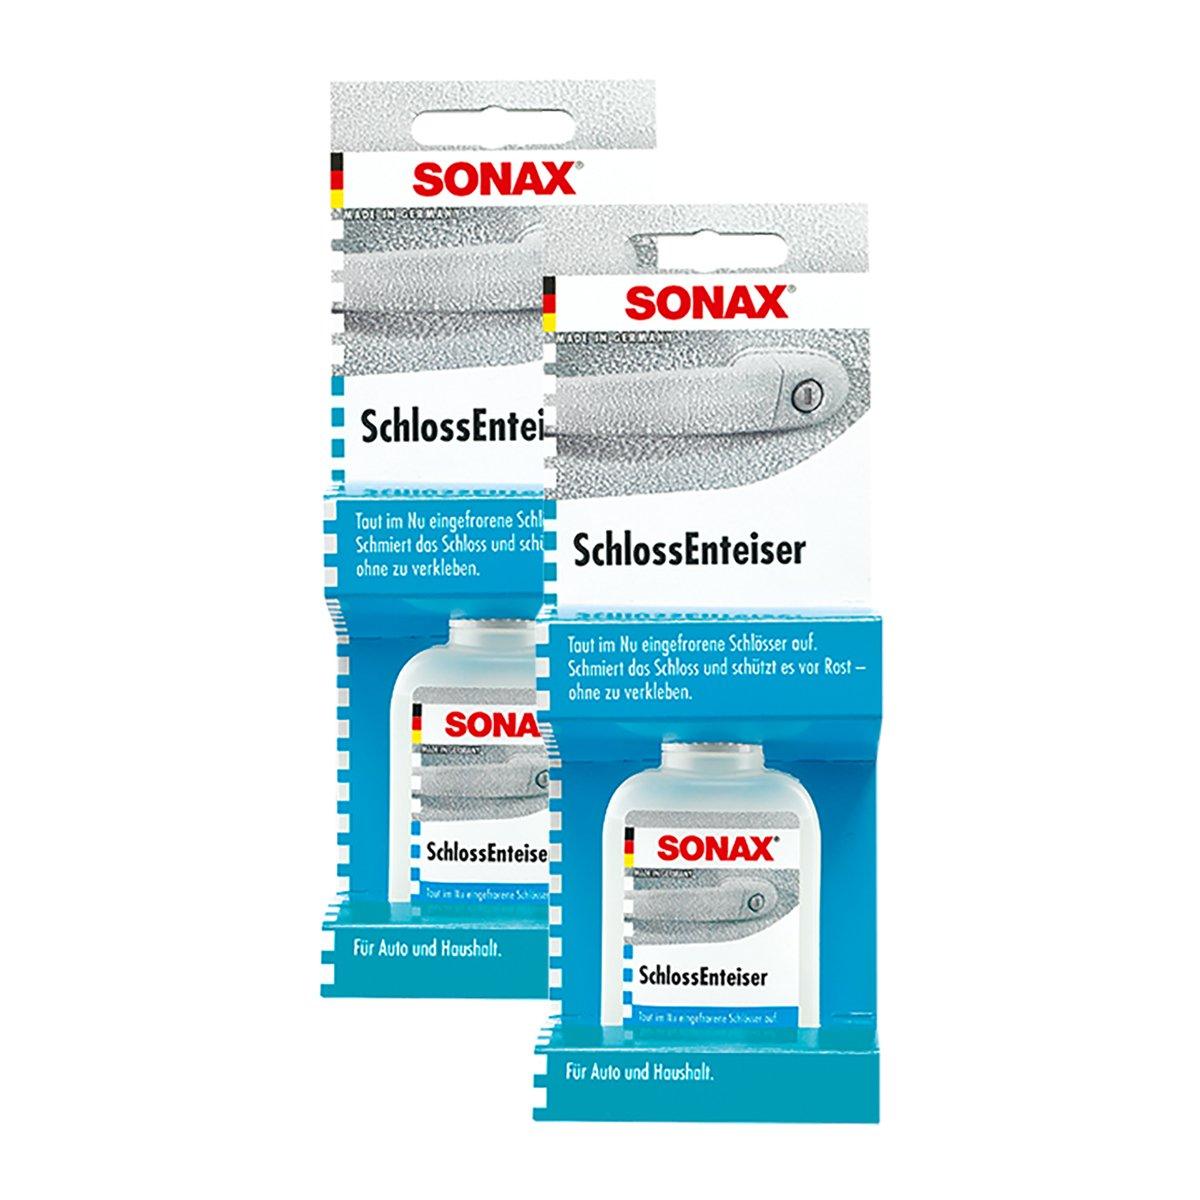 SONAX 2X 03310000 SchlossEnteiser 50 ml